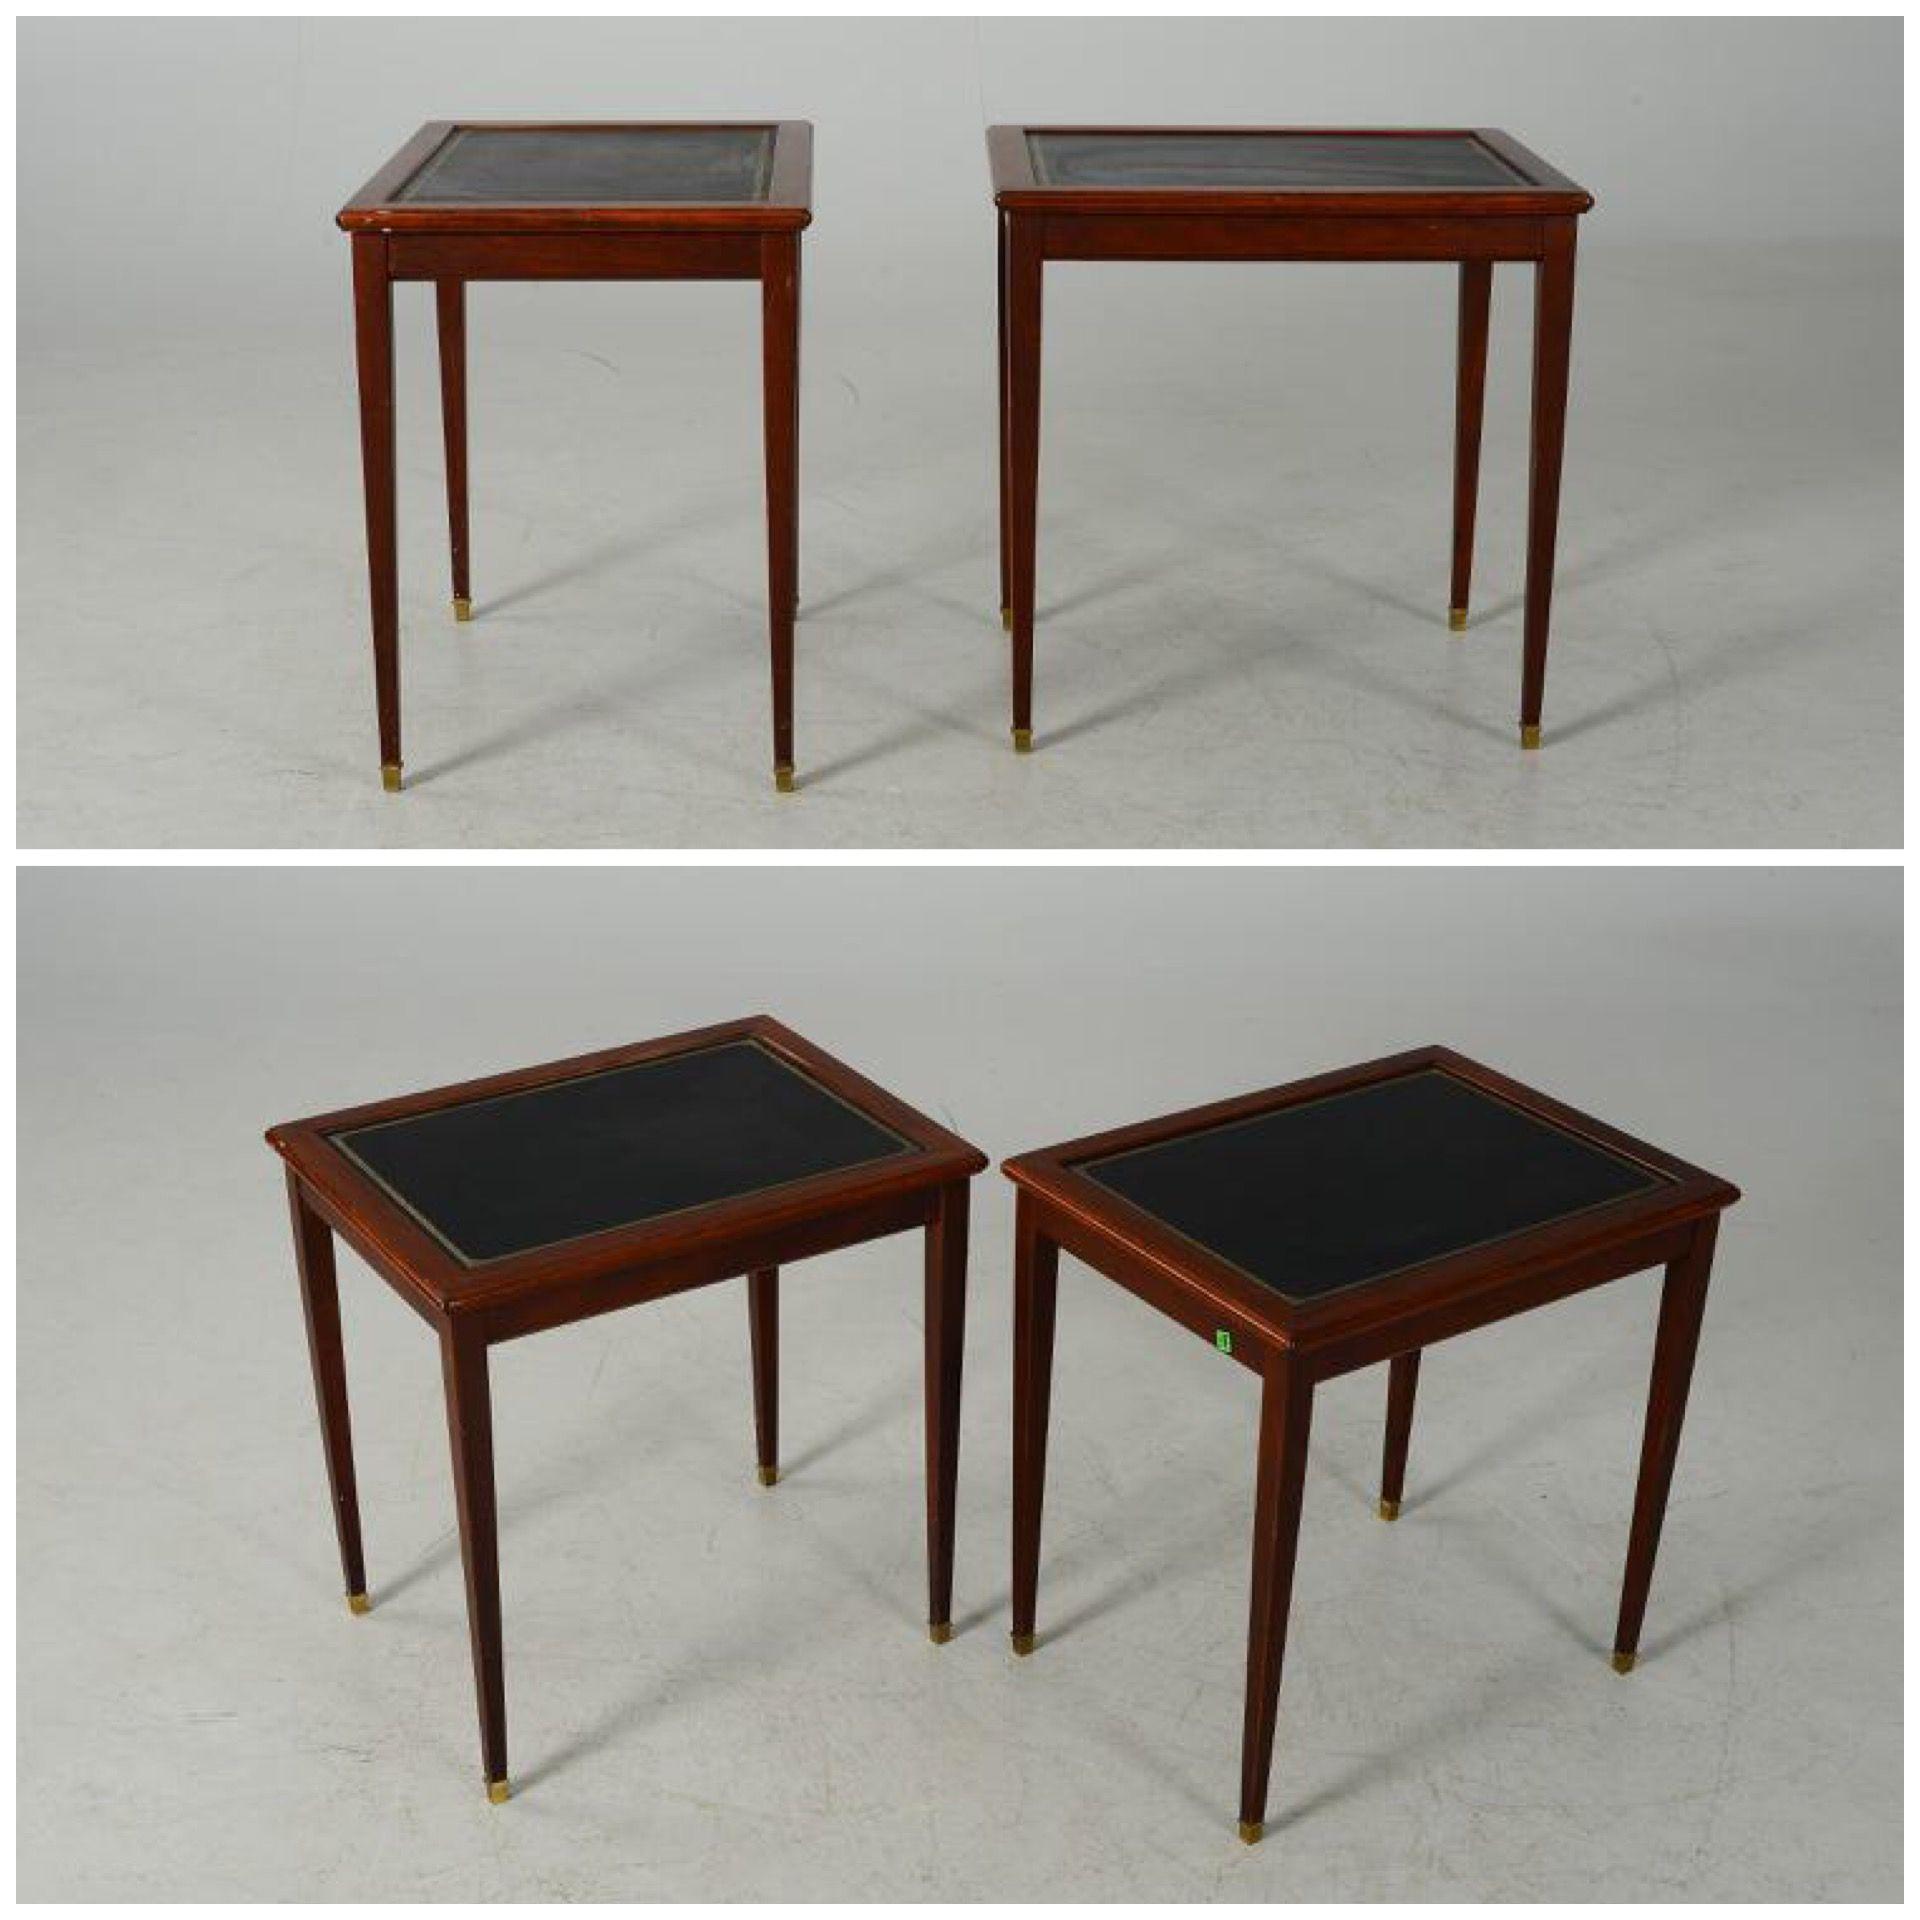 Продам два парных столика с кожей, винтаж 42 000 руб ...